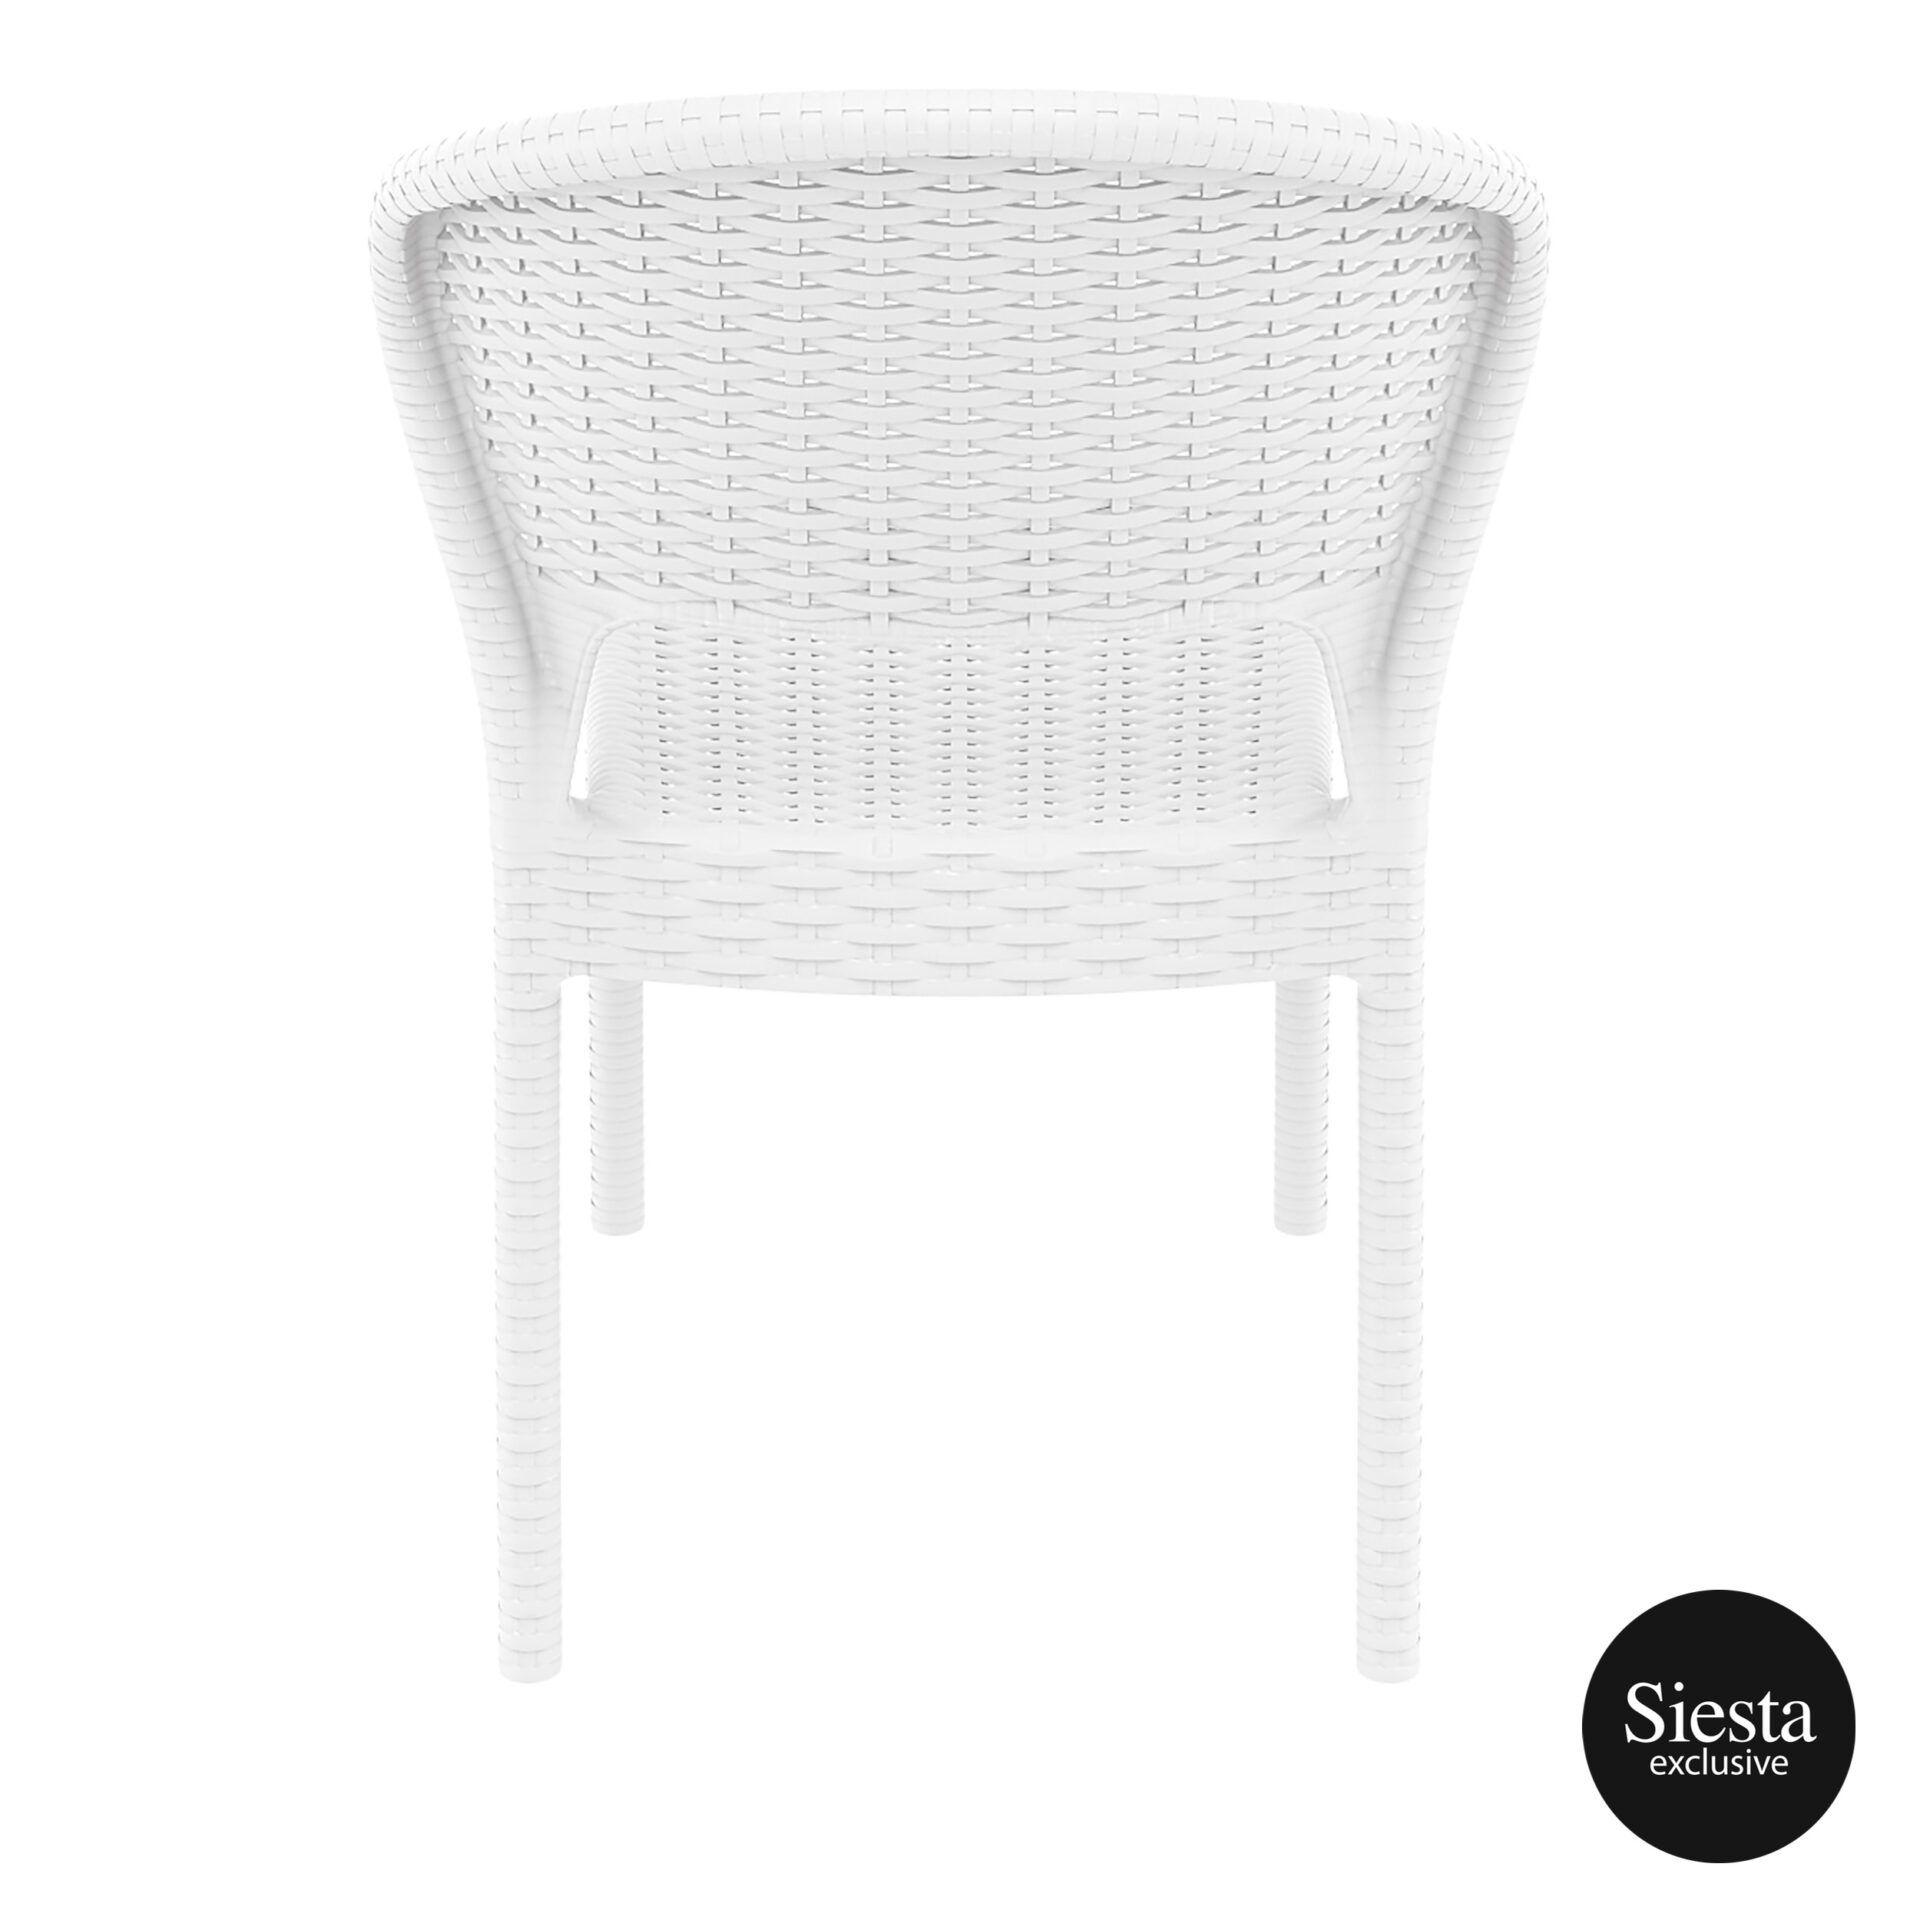 resin rattan outdoor daytona chair white back 1